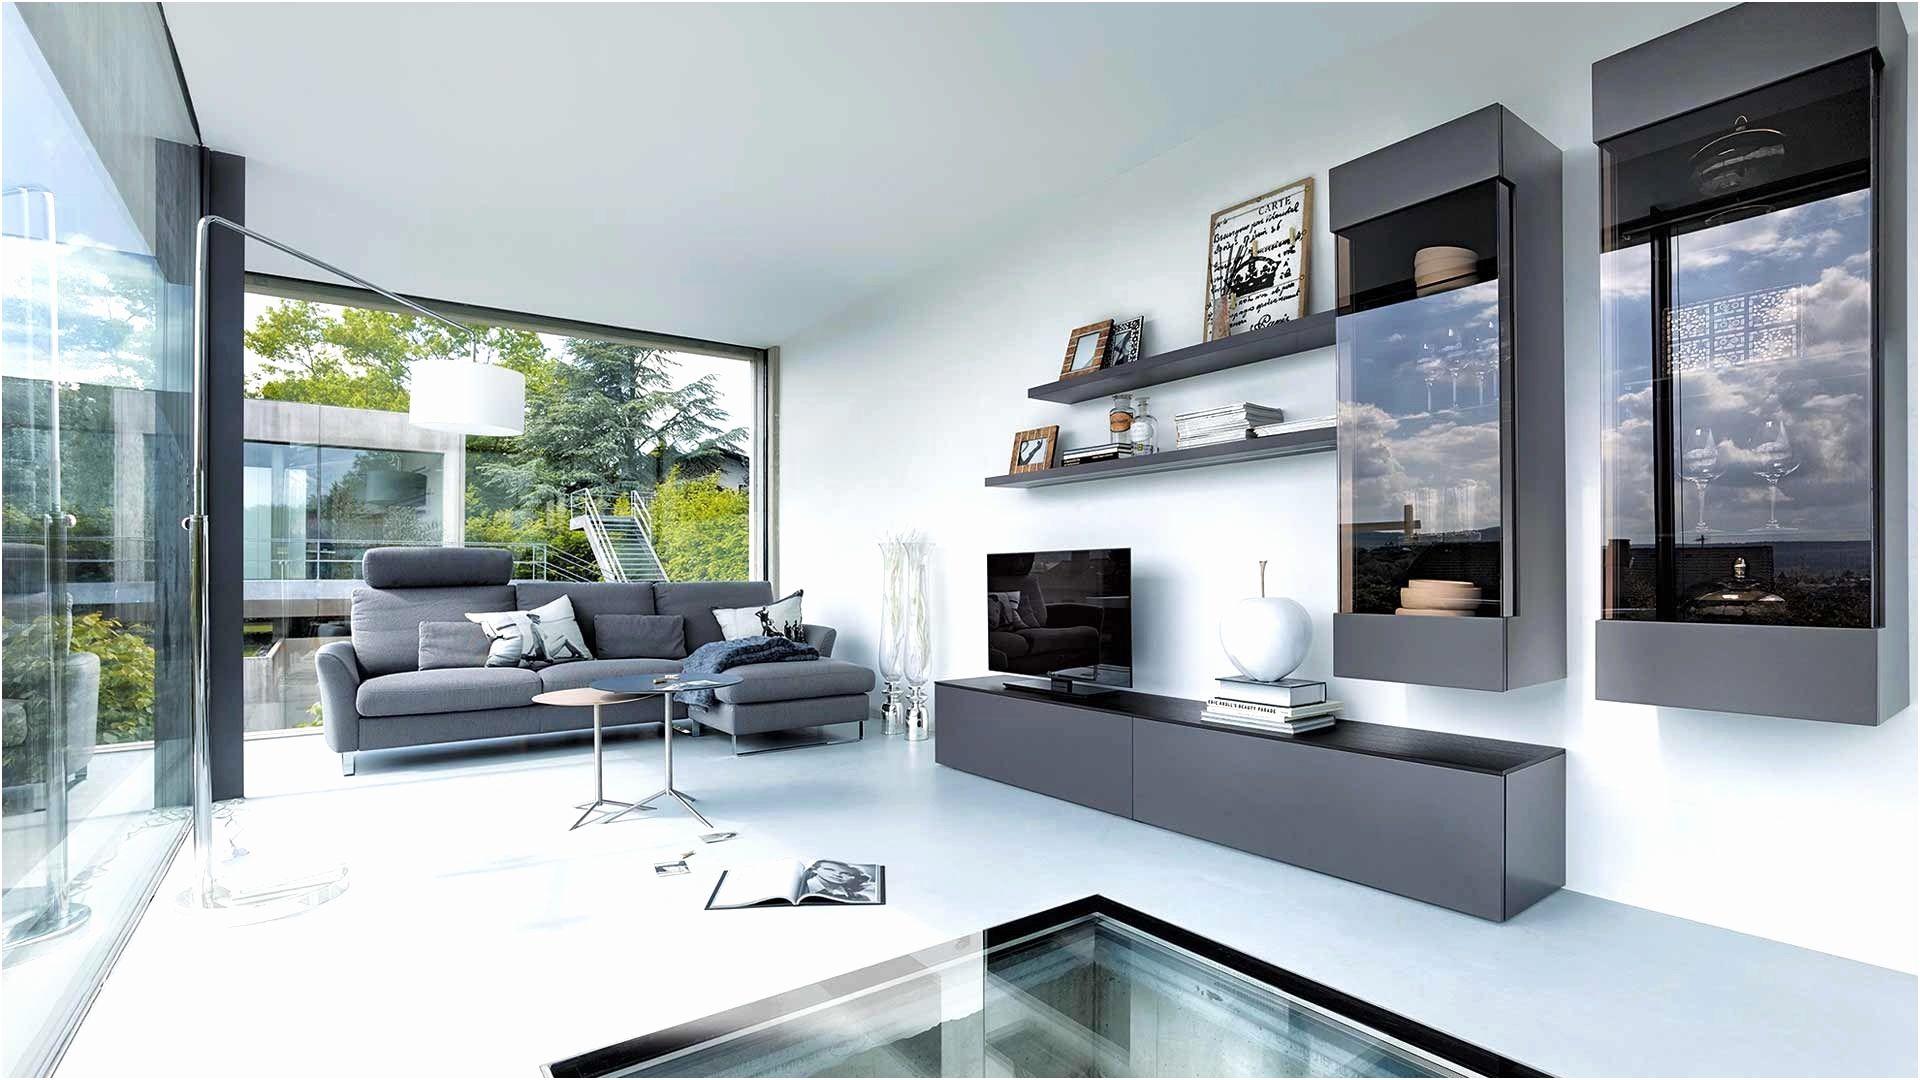 Wonderful Wohnzimmer Designermöbel